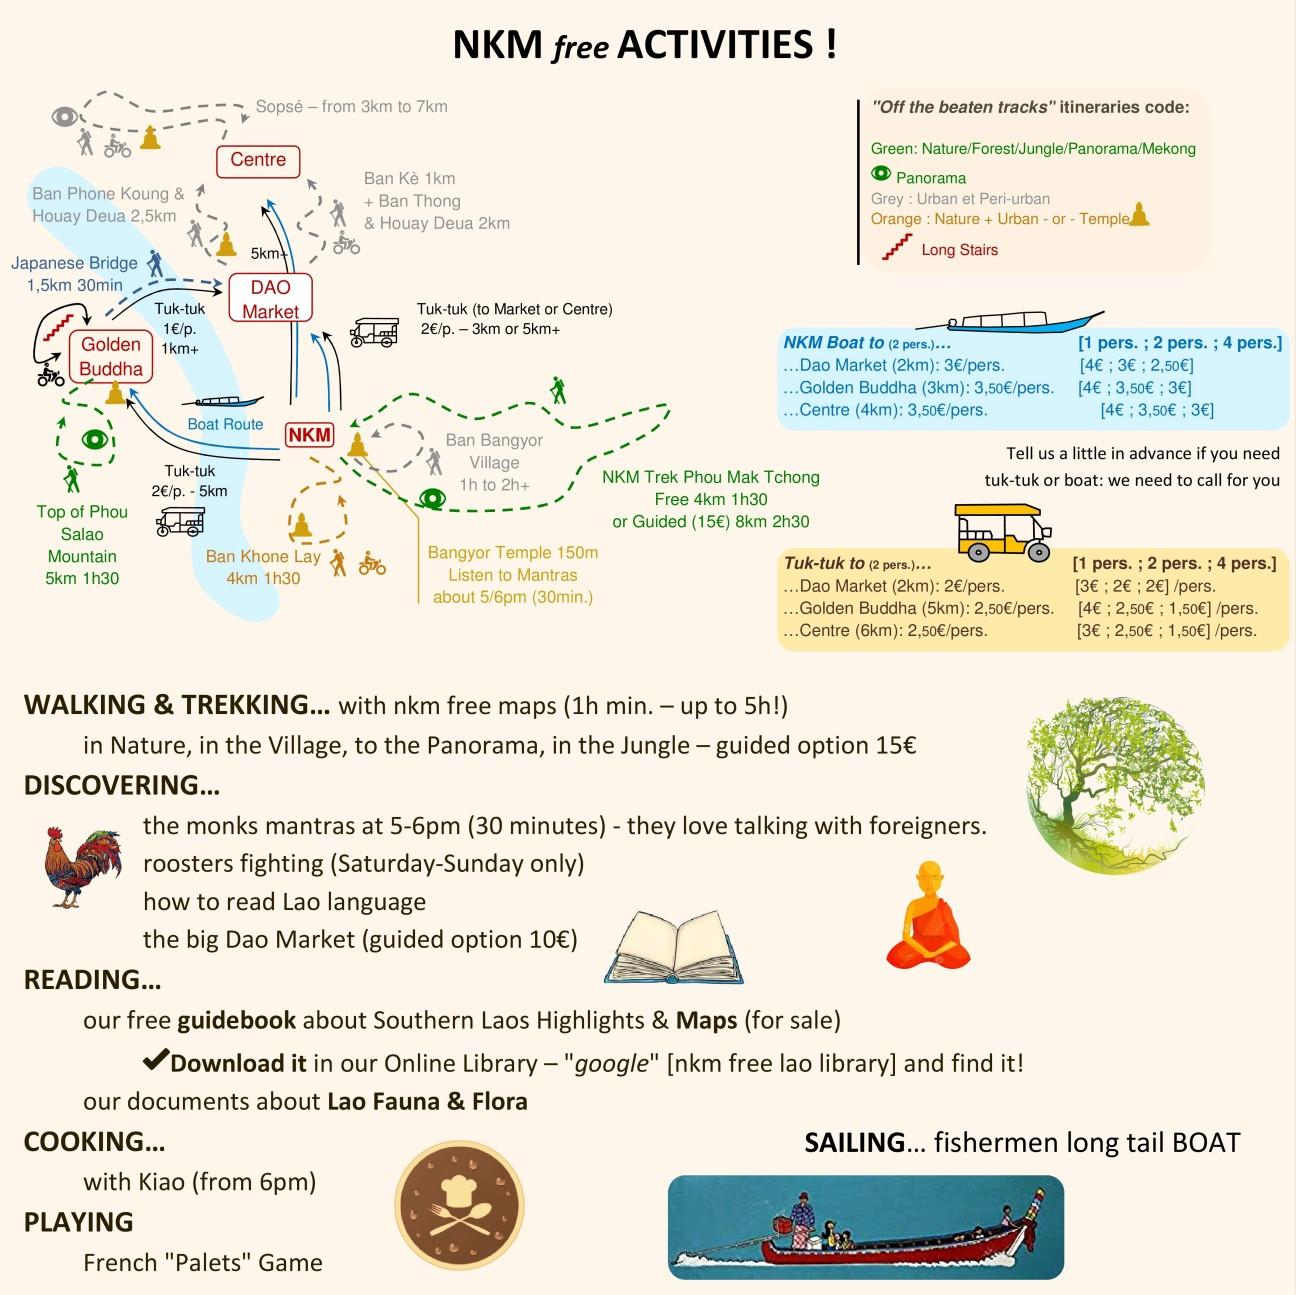 nkm activities